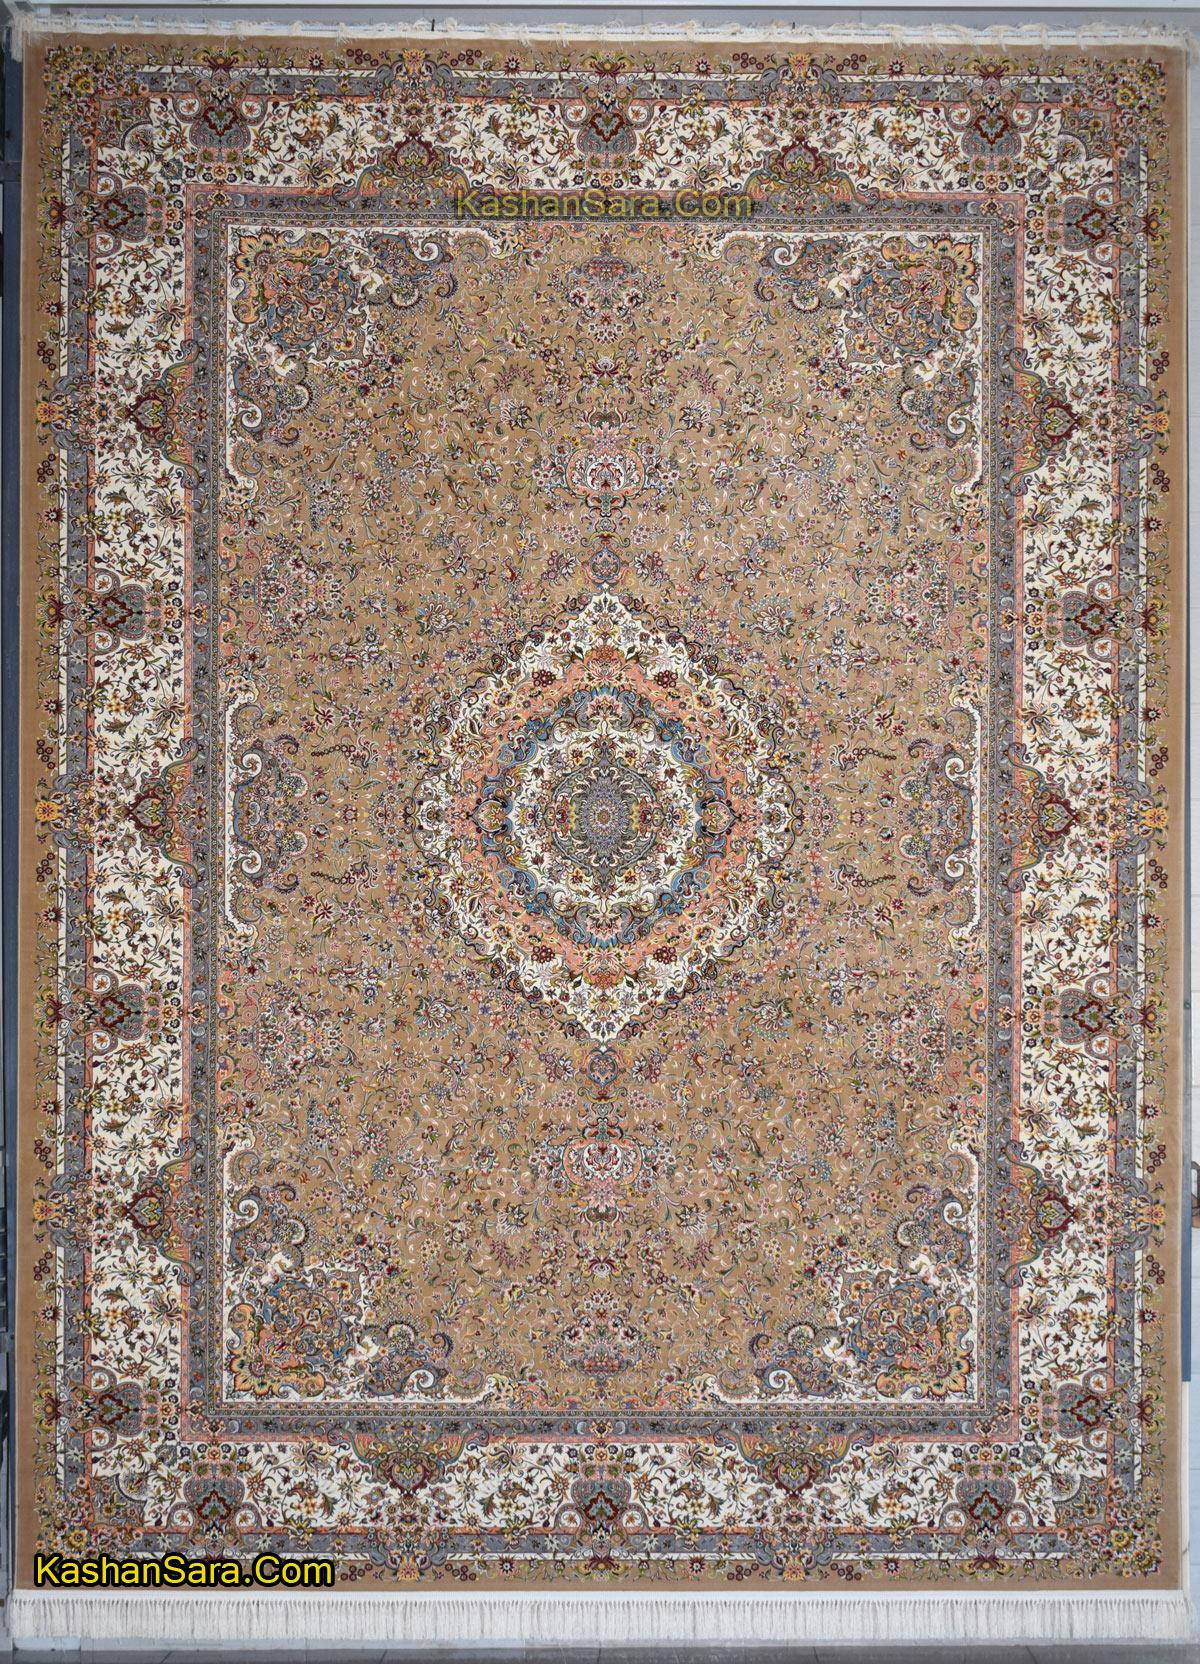 فرش طرح نیلا-۱۲۰۰ شانه تراکم ۳۶۰۰